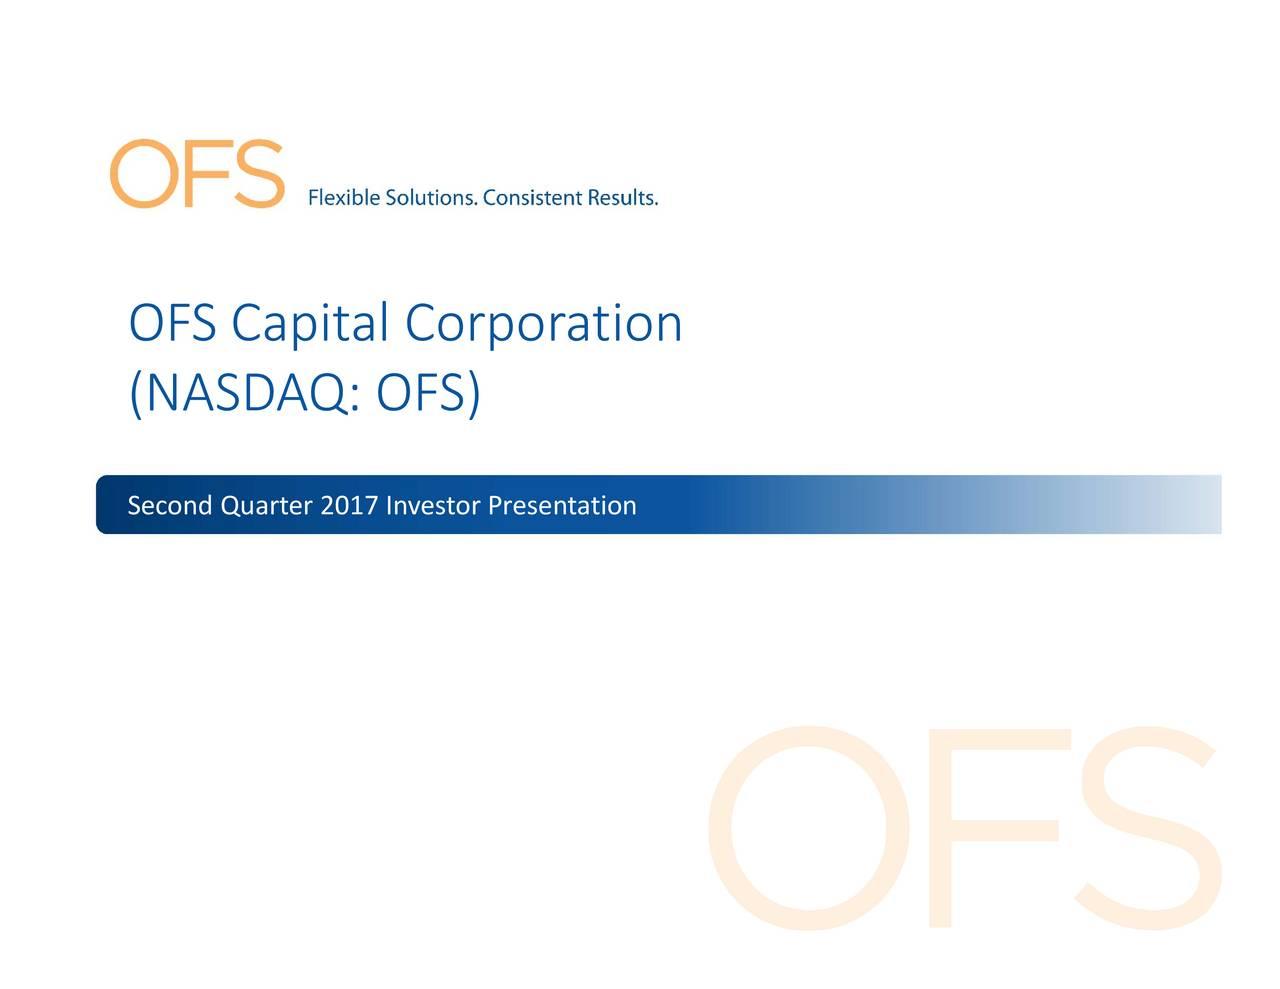 Presentation FS) orporatnvestor ruarterion CorporationSDAQ: FS) nvestor OFS 017cond apital Quarter OFS (NAS SecnQ: